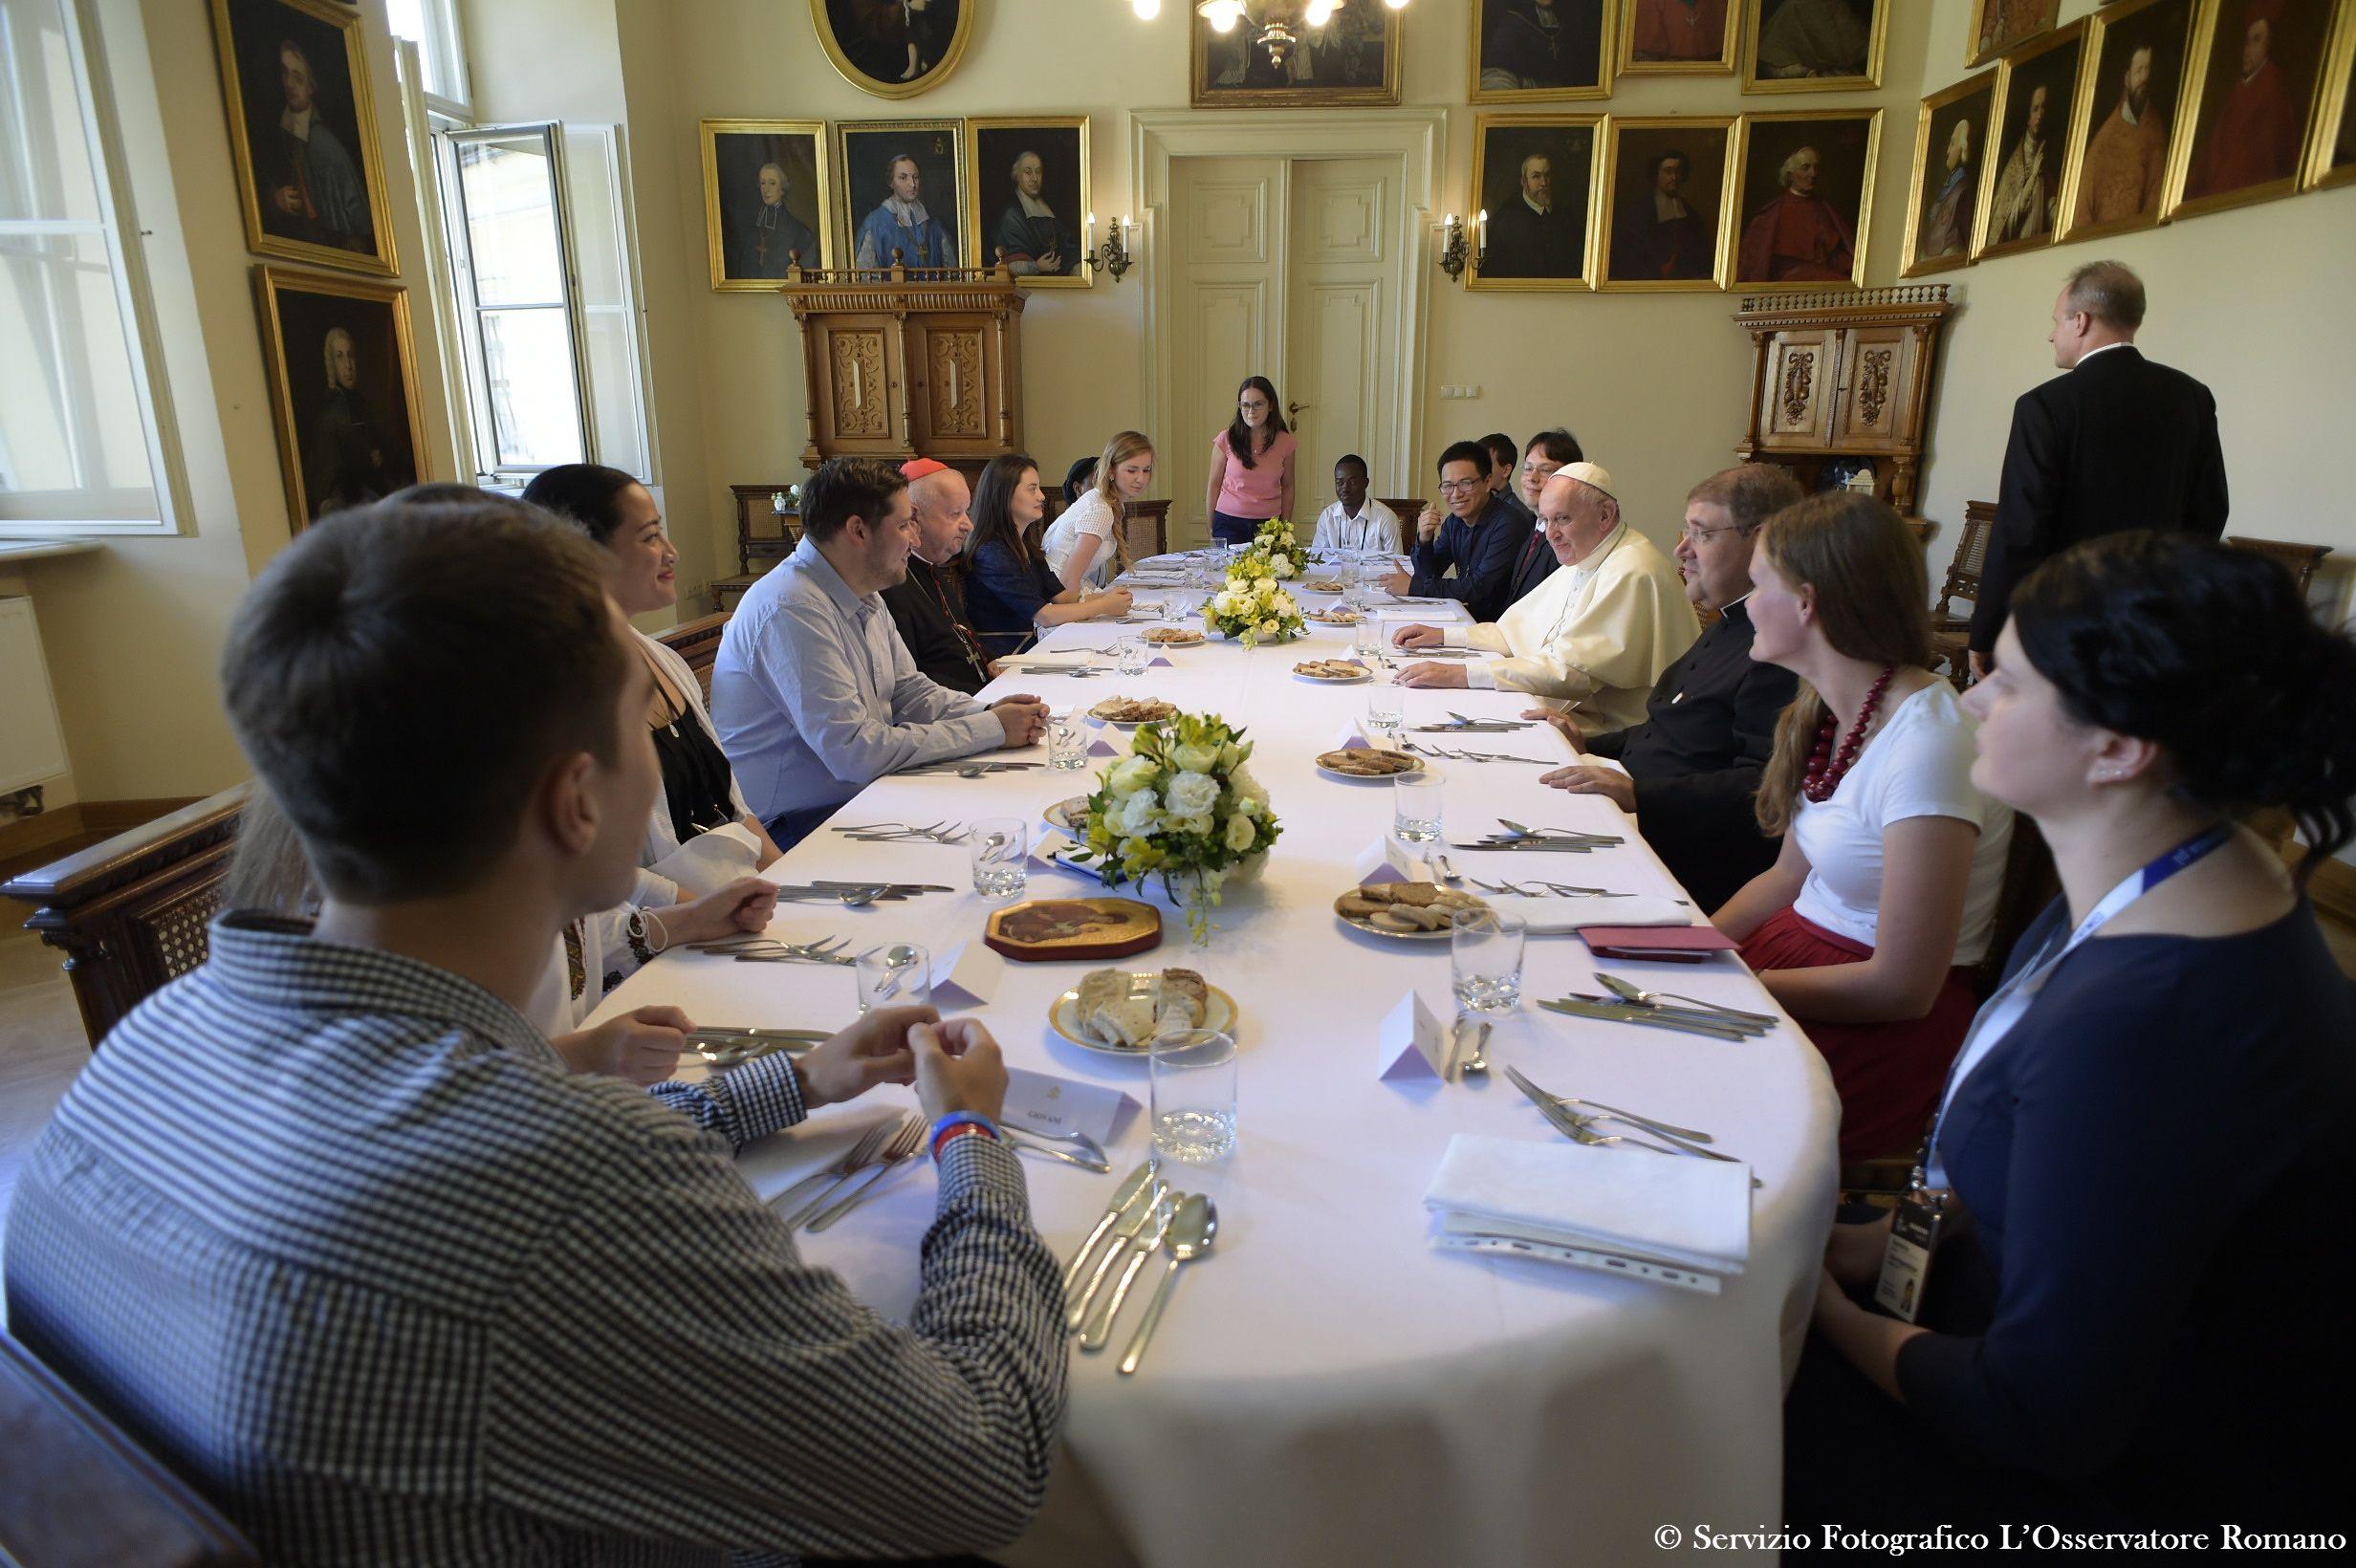 Déjeuner avec le pape François à Cracovie, JMJ © L'Osservatore Romano